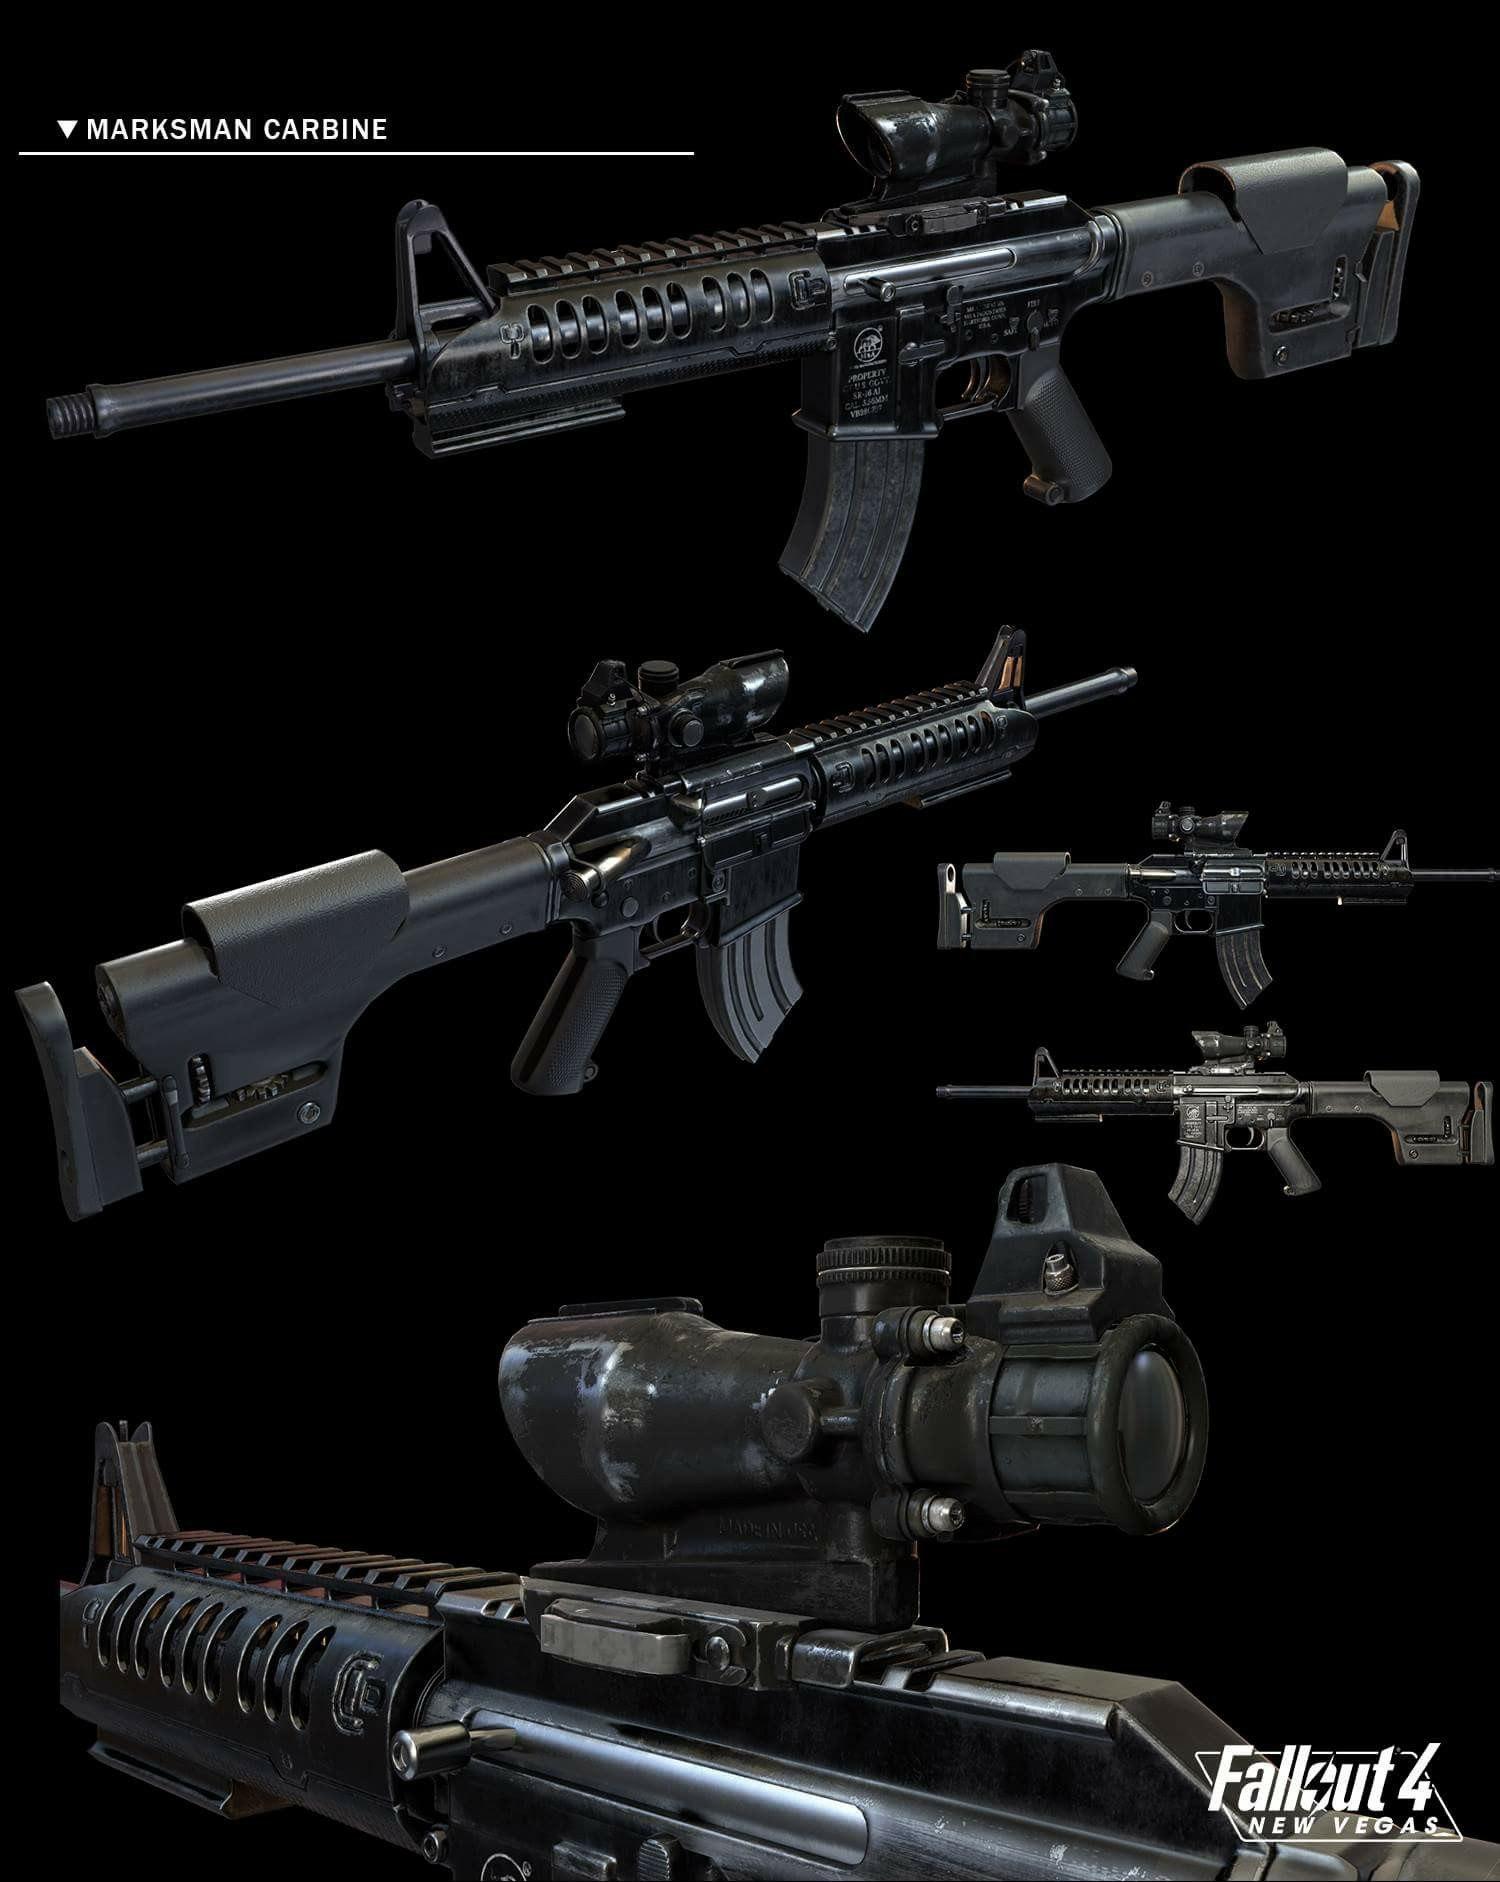 Разработчики Fallout 4: New Vegas продолжают работу над игрой, и на этот раз они предоставили модель оружия: